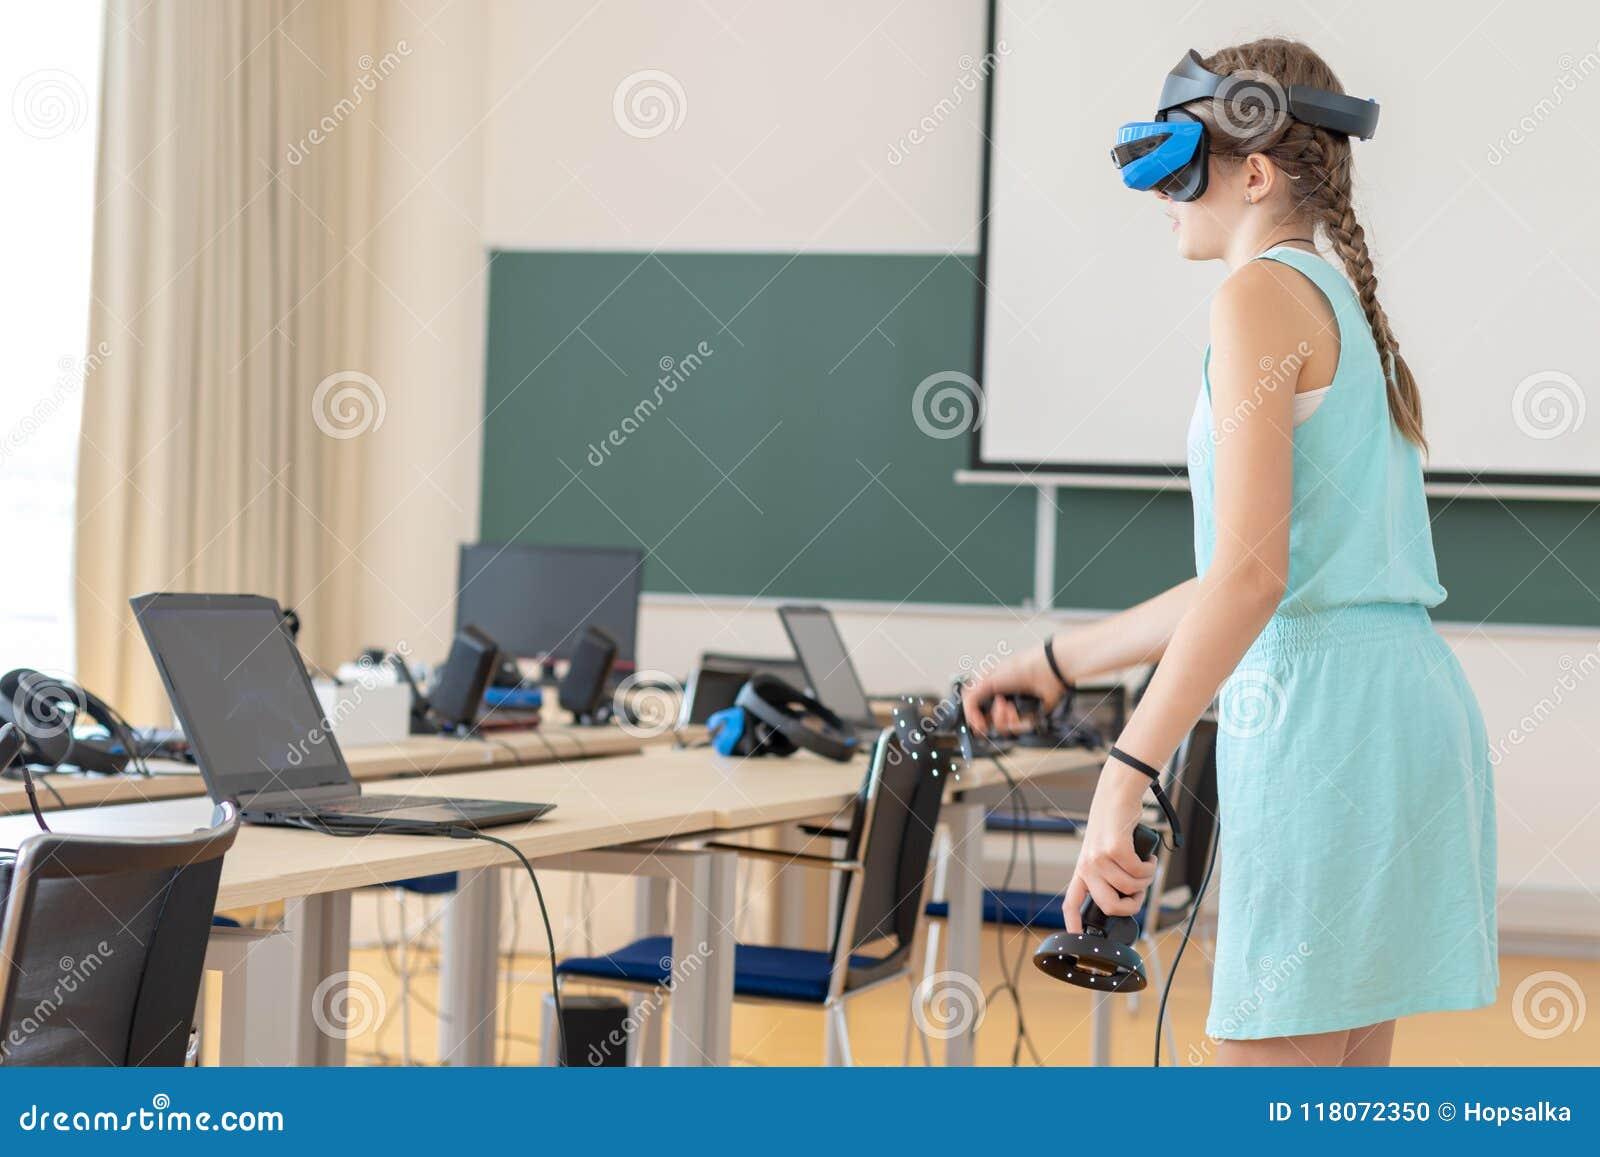 ea957a4657e1 Teen Girl Wearing VR Headset